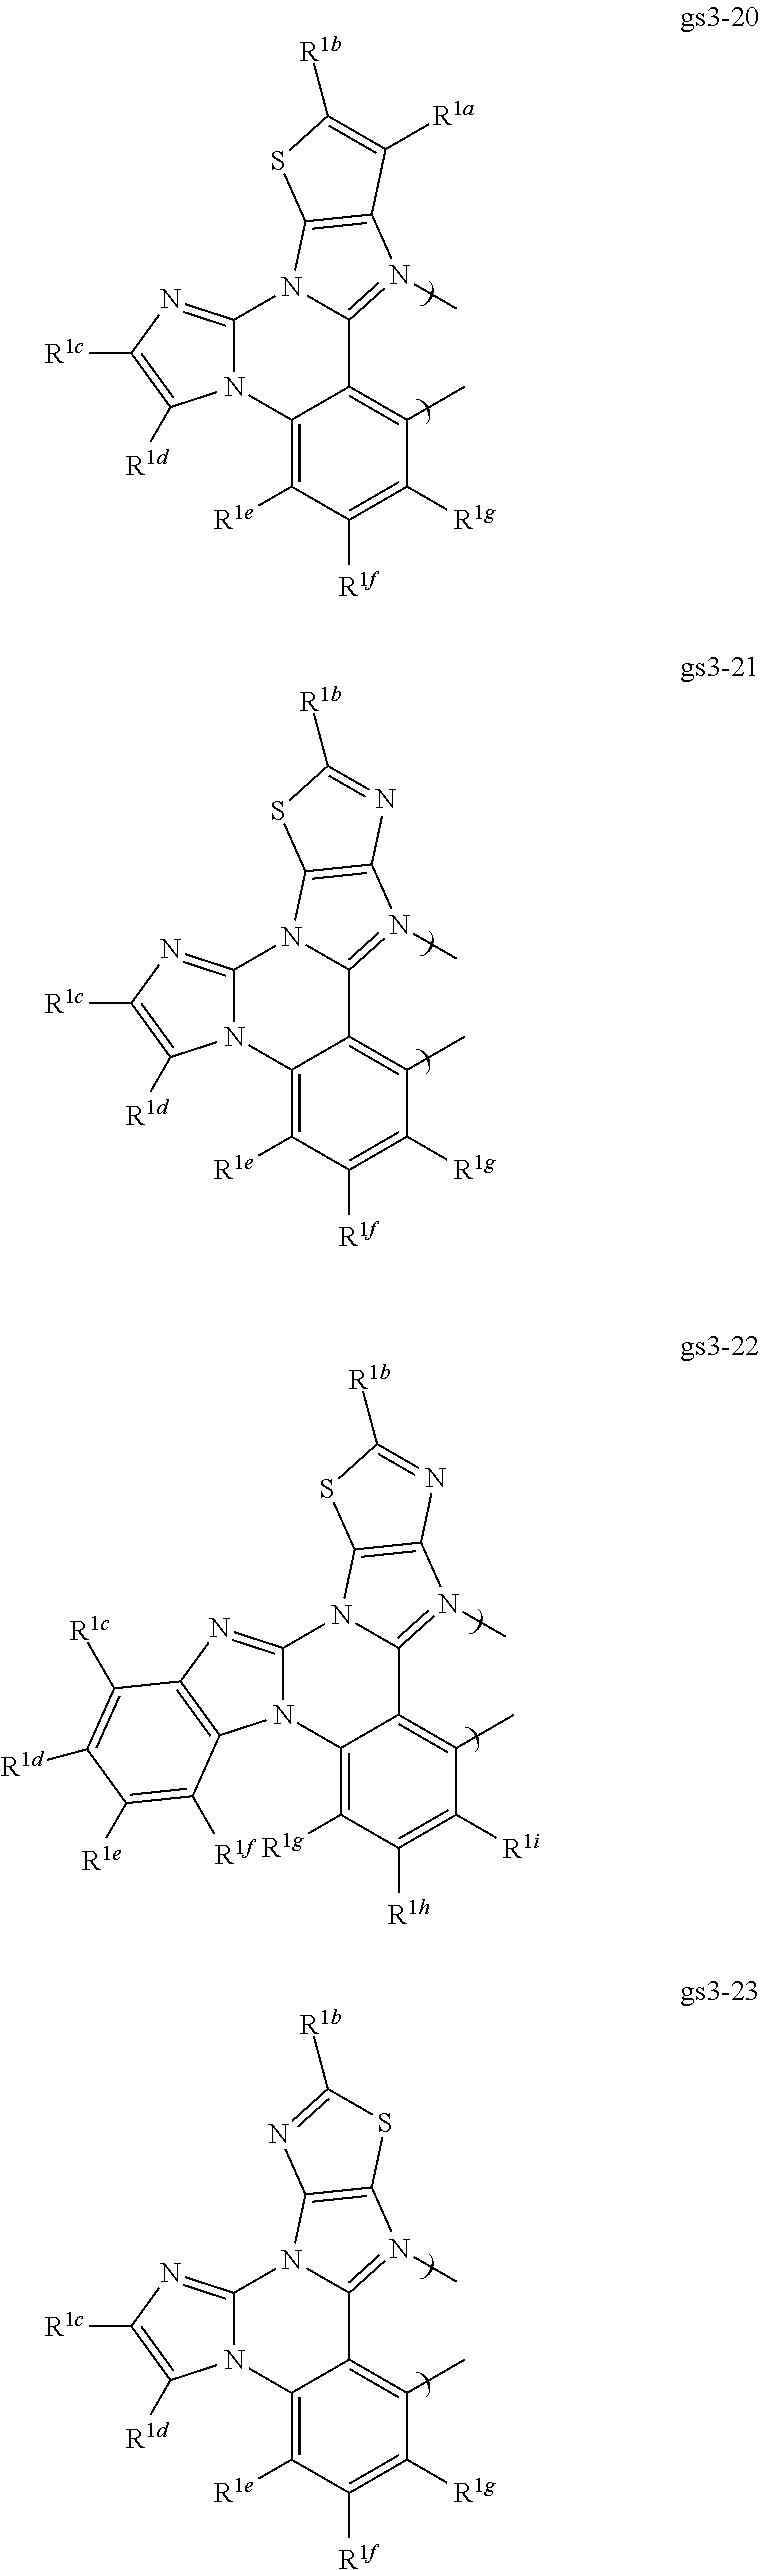 Figure US20110073849A1-20110331-C00023